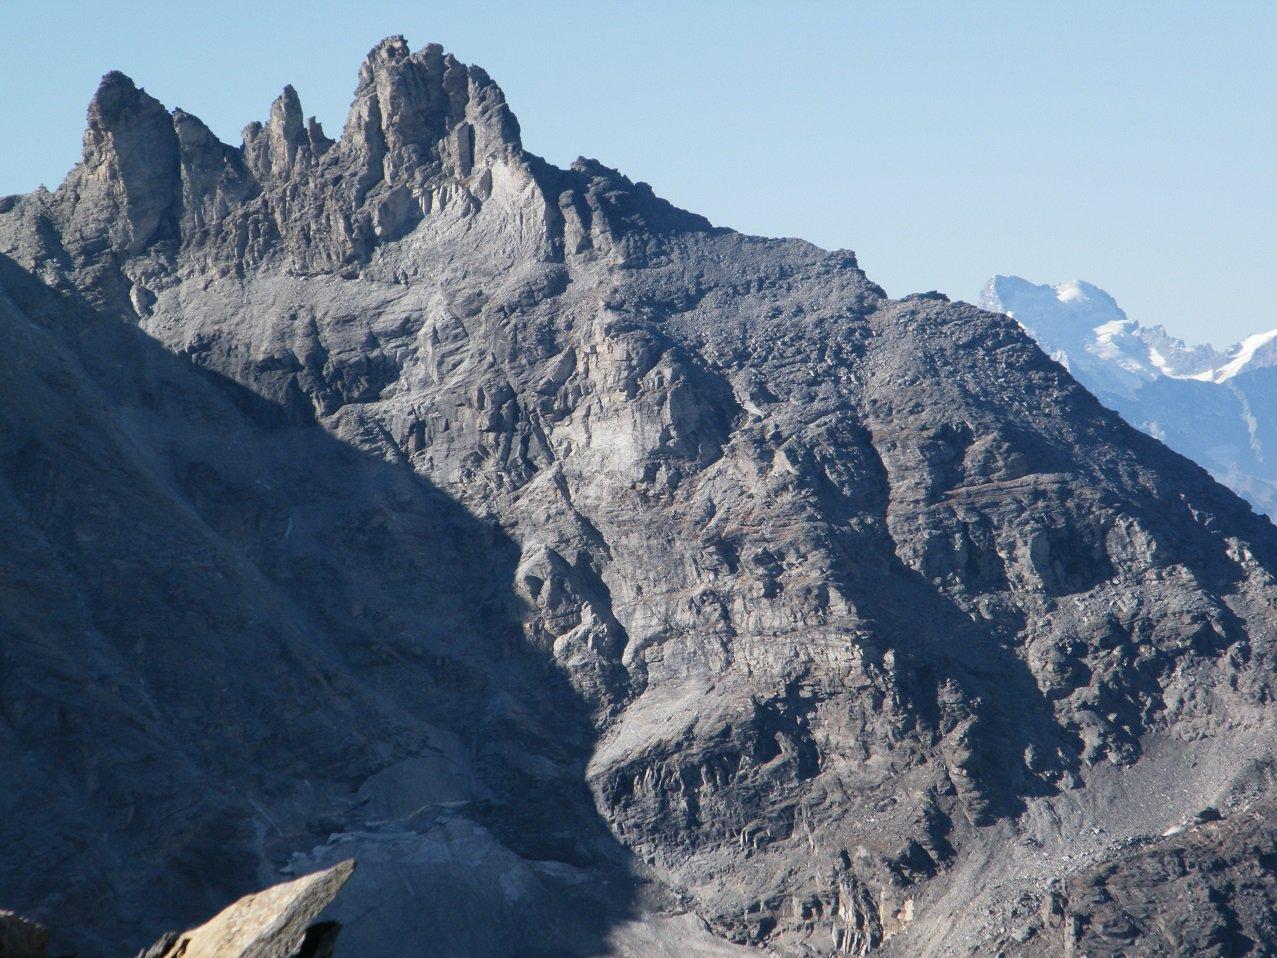 I Denti d'Ambin e sullo sfondo la Barre des Ecrins da poco prima della vetta.